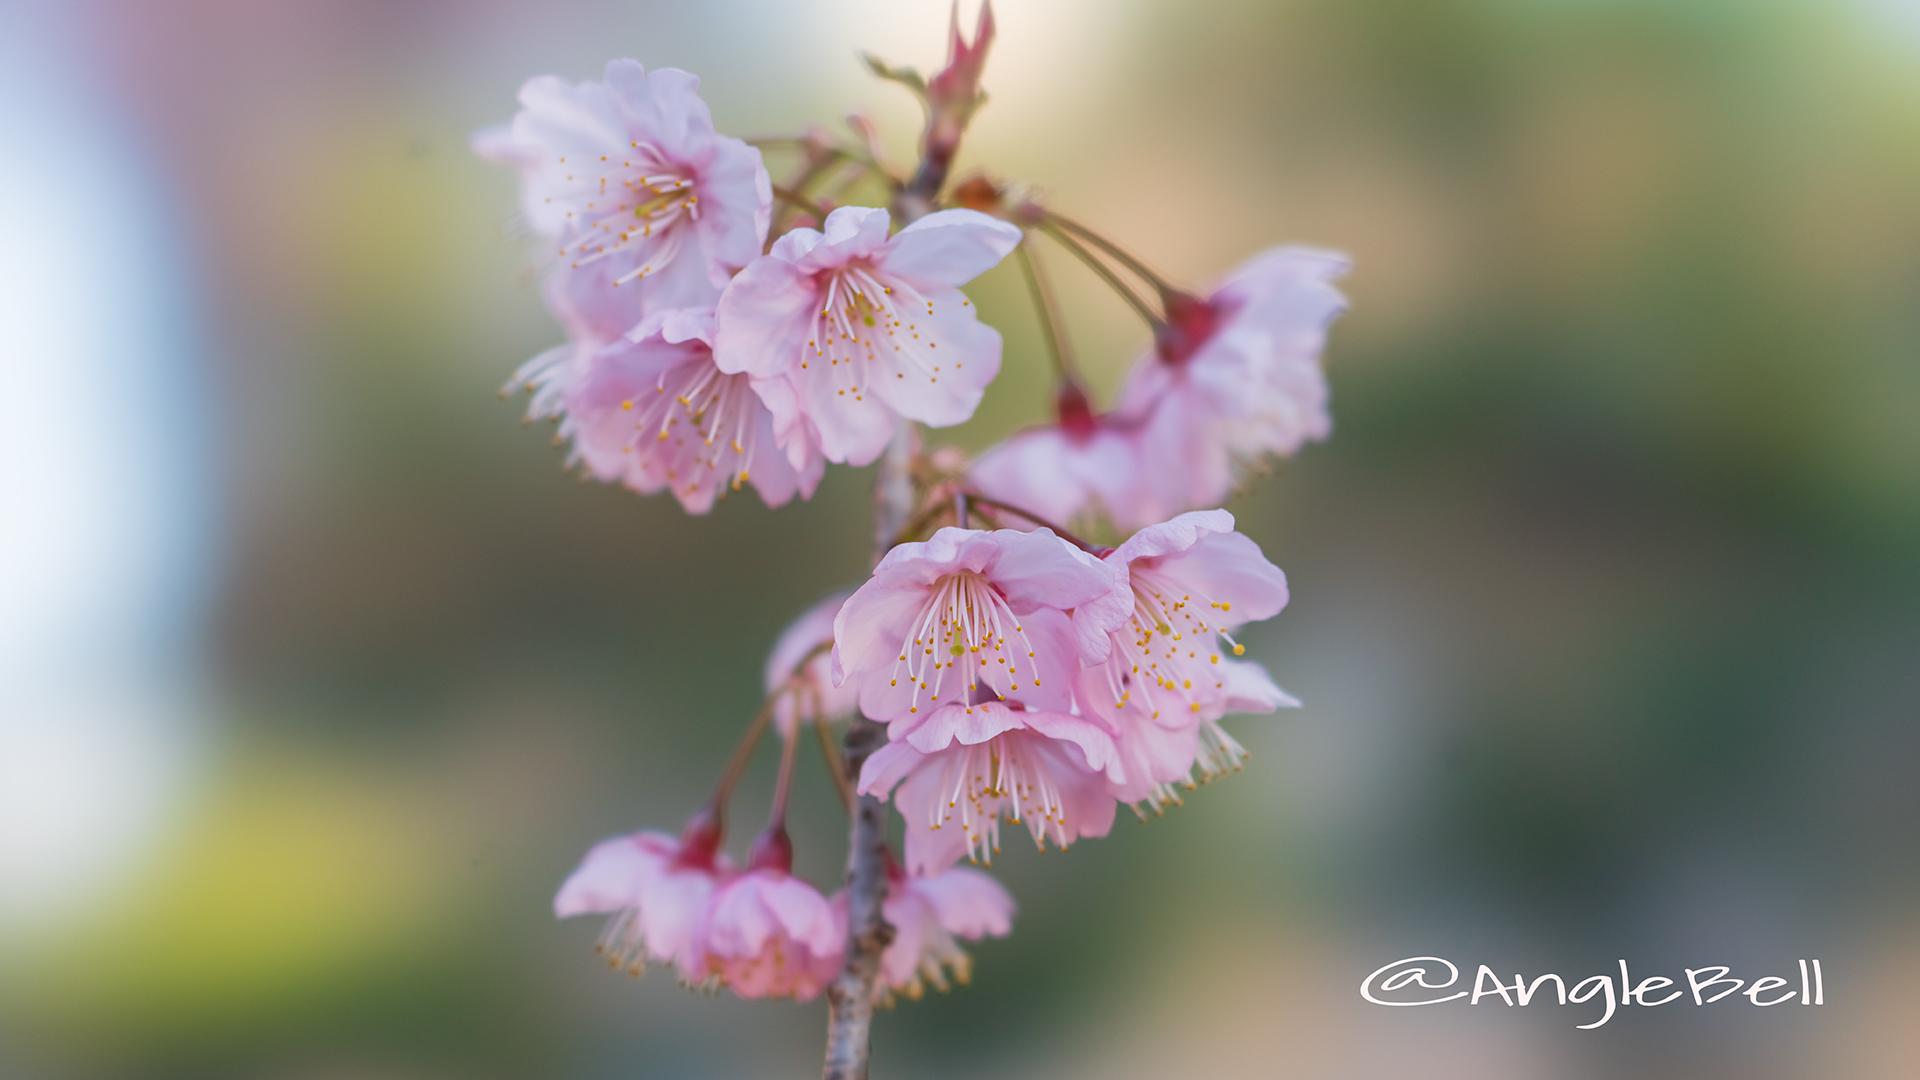 ツバキカンザクラ 椿寒桜 Flower Photo2019_01